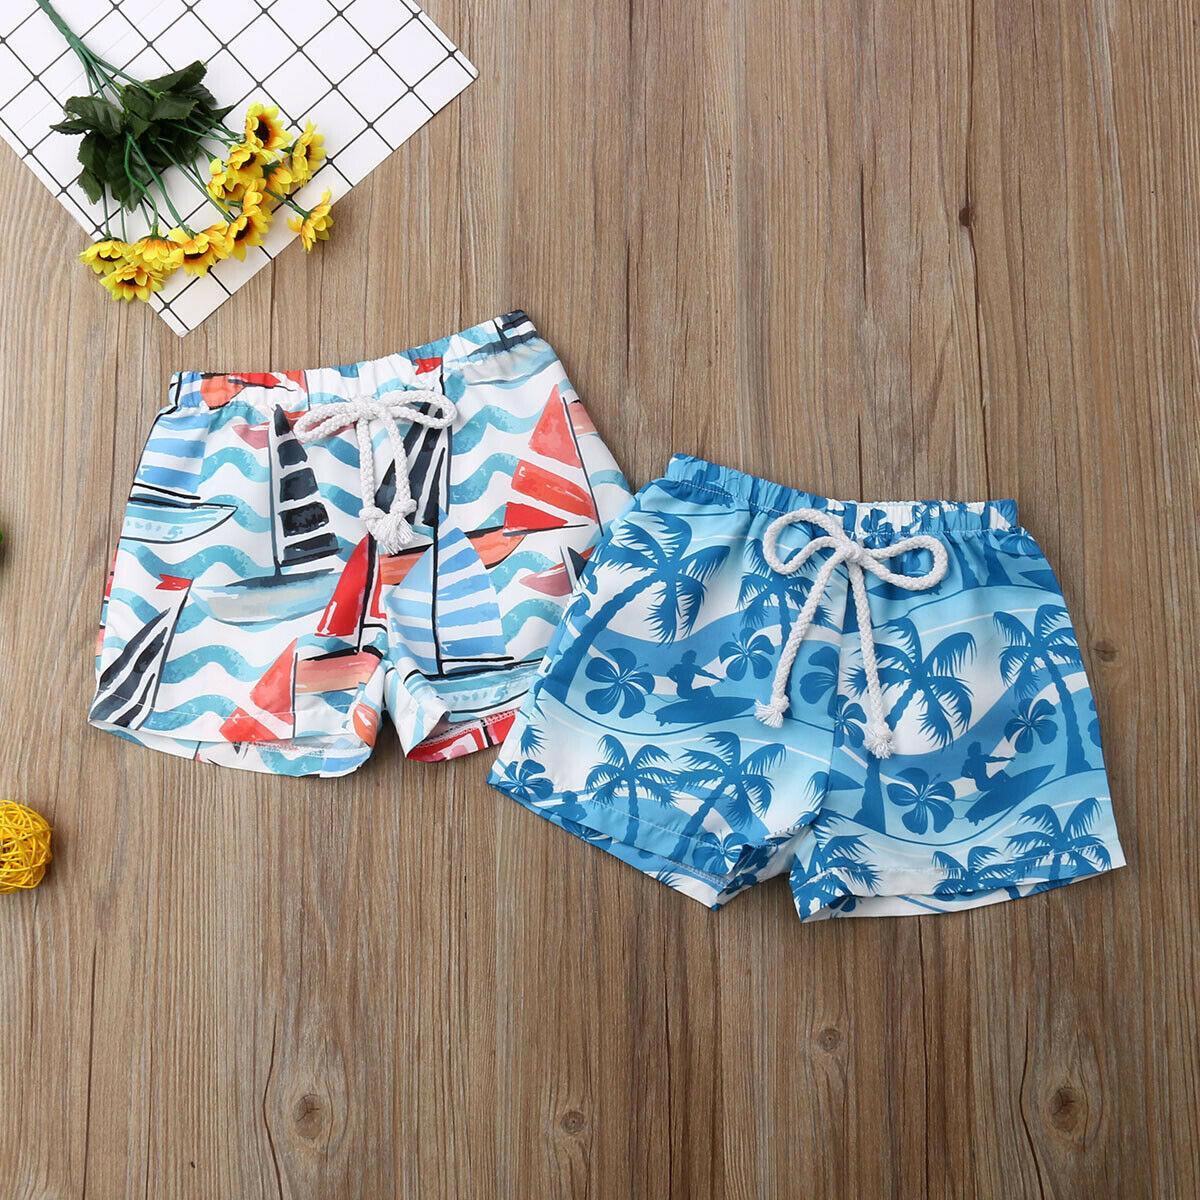 Bebê menino Hawaii Elastic Cintura Calças Curtas Verão Praia Shorts Swimwear Beachwear Maiô para Criança criança Crianças